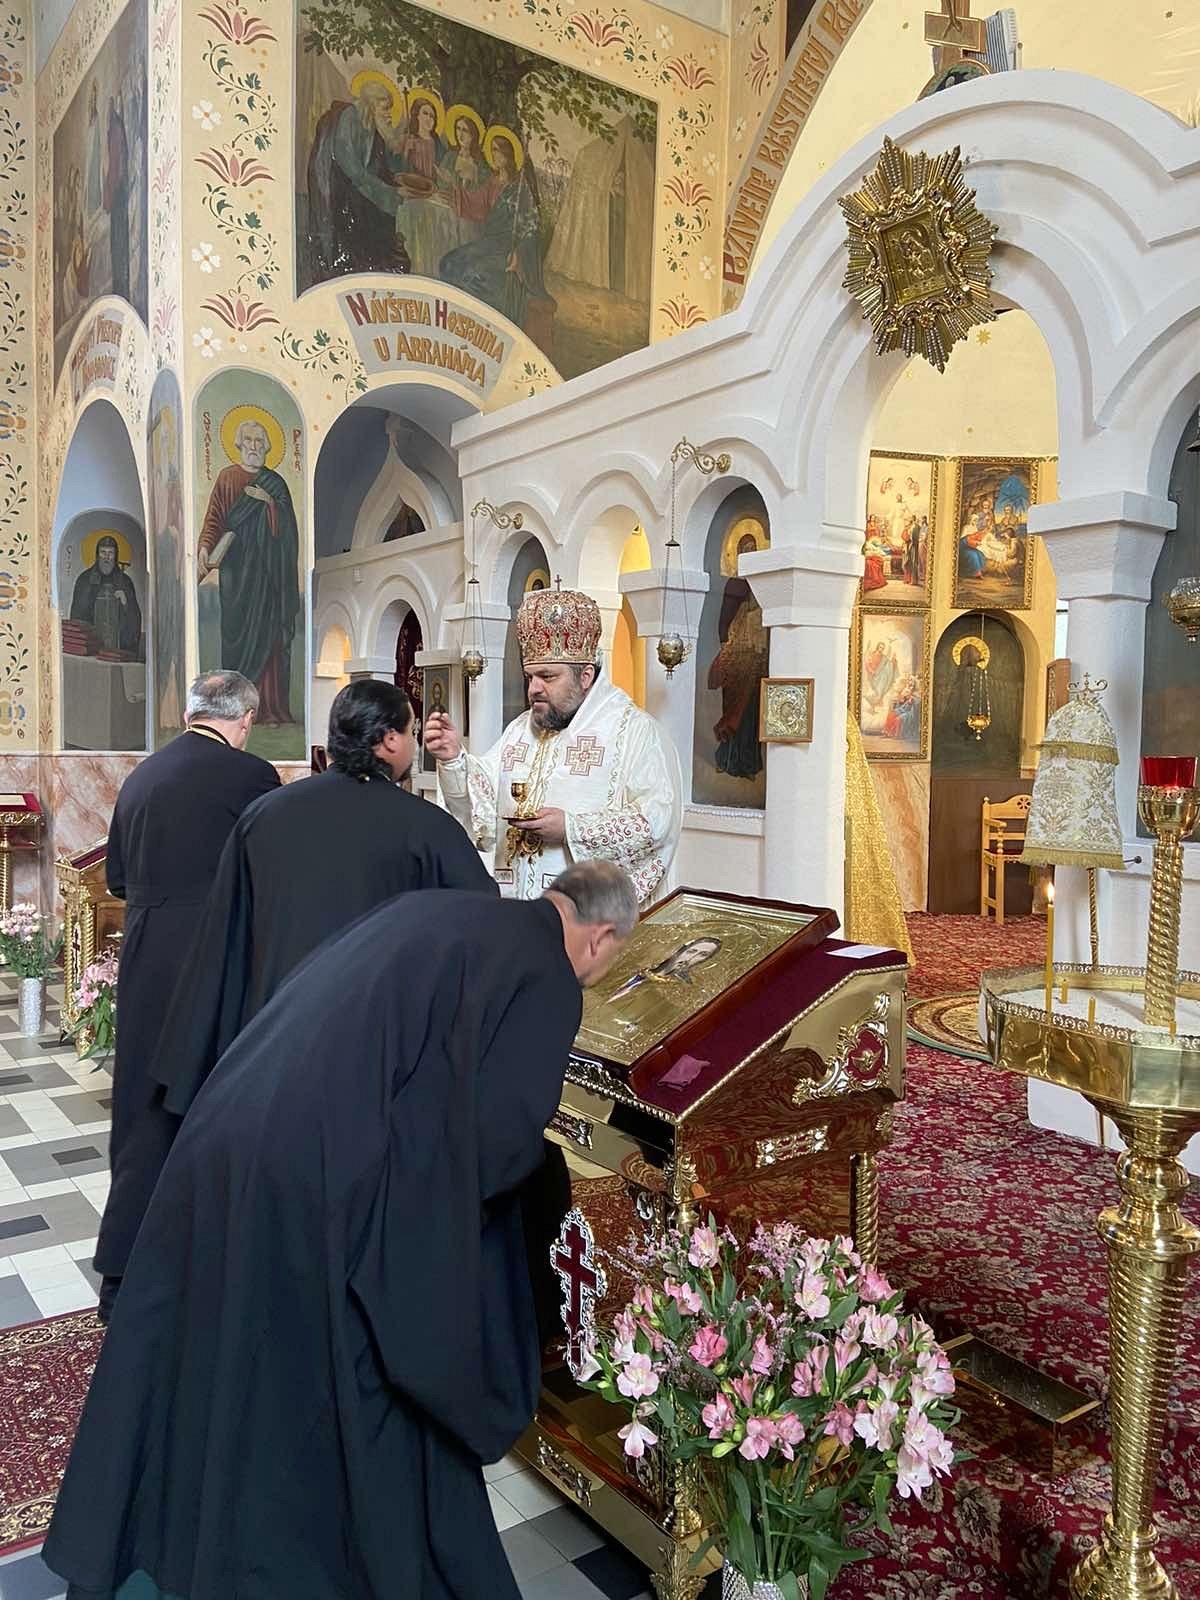 2021-06-01-presbyterium-liturgie-80-7EC20549-CCA4-4EC8-B6E3-AC3ABAD9A151_1